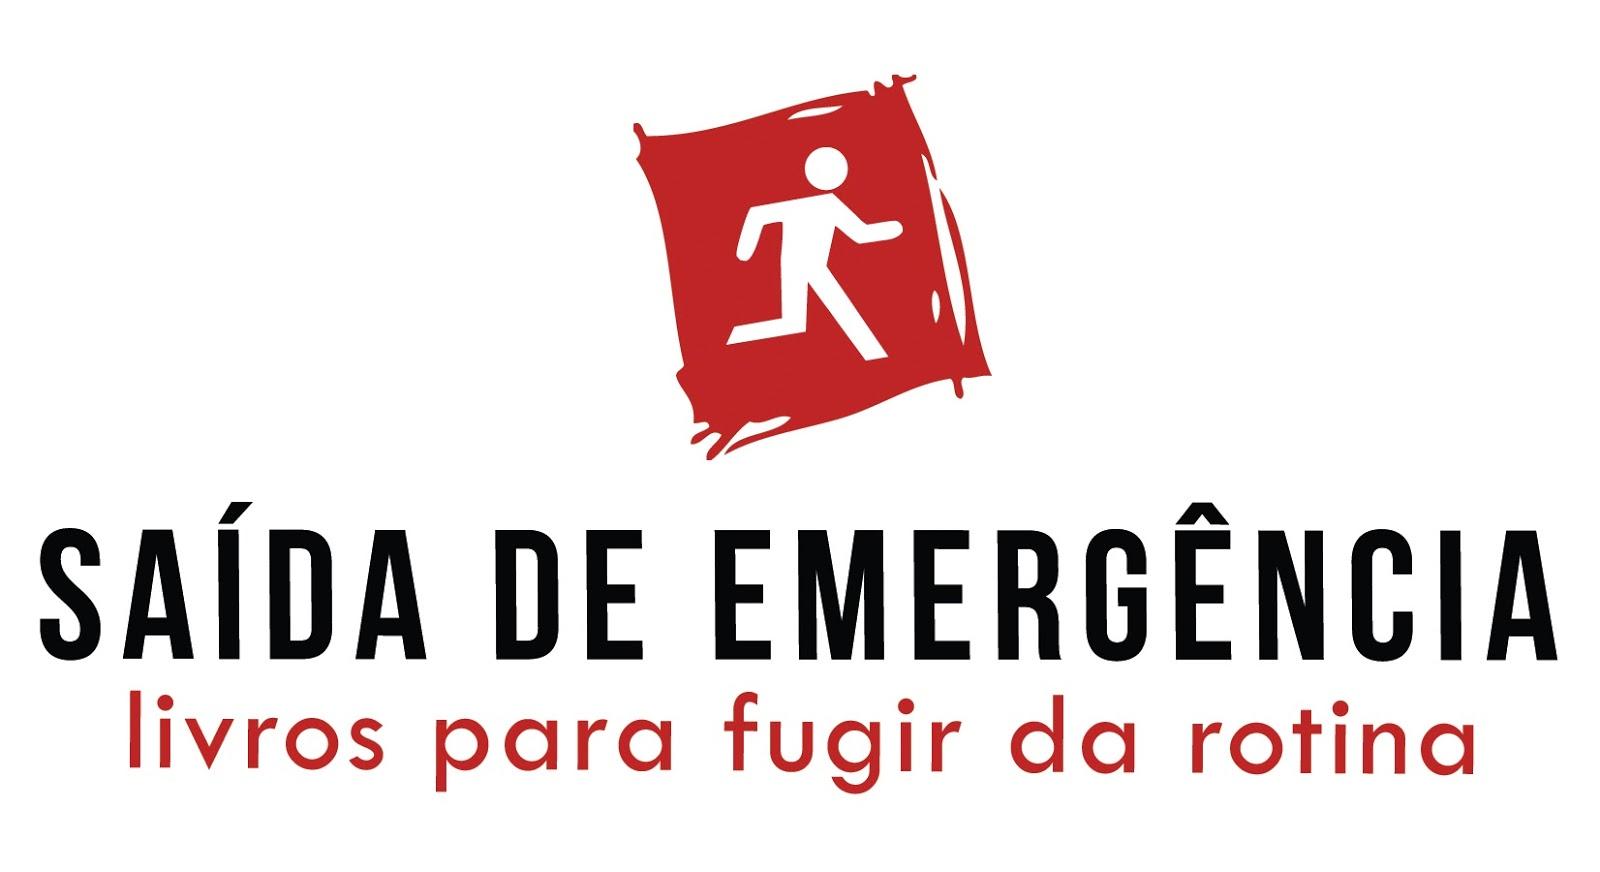 Saida de Emergência